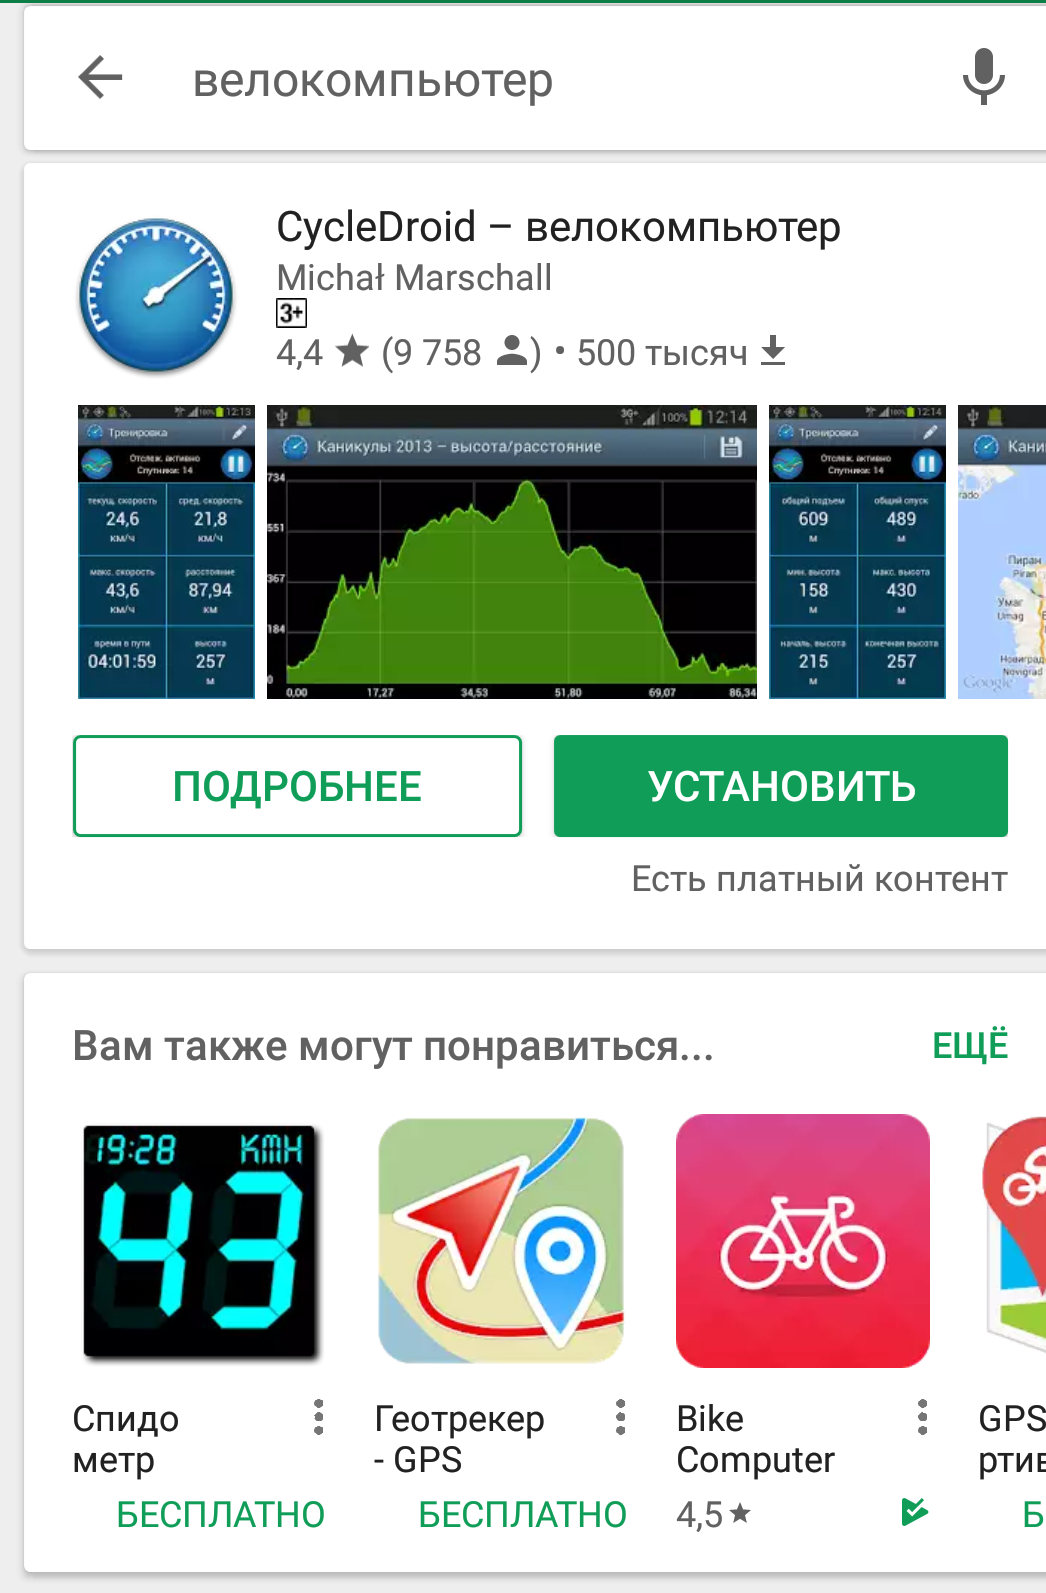 велокомпьютер приложение